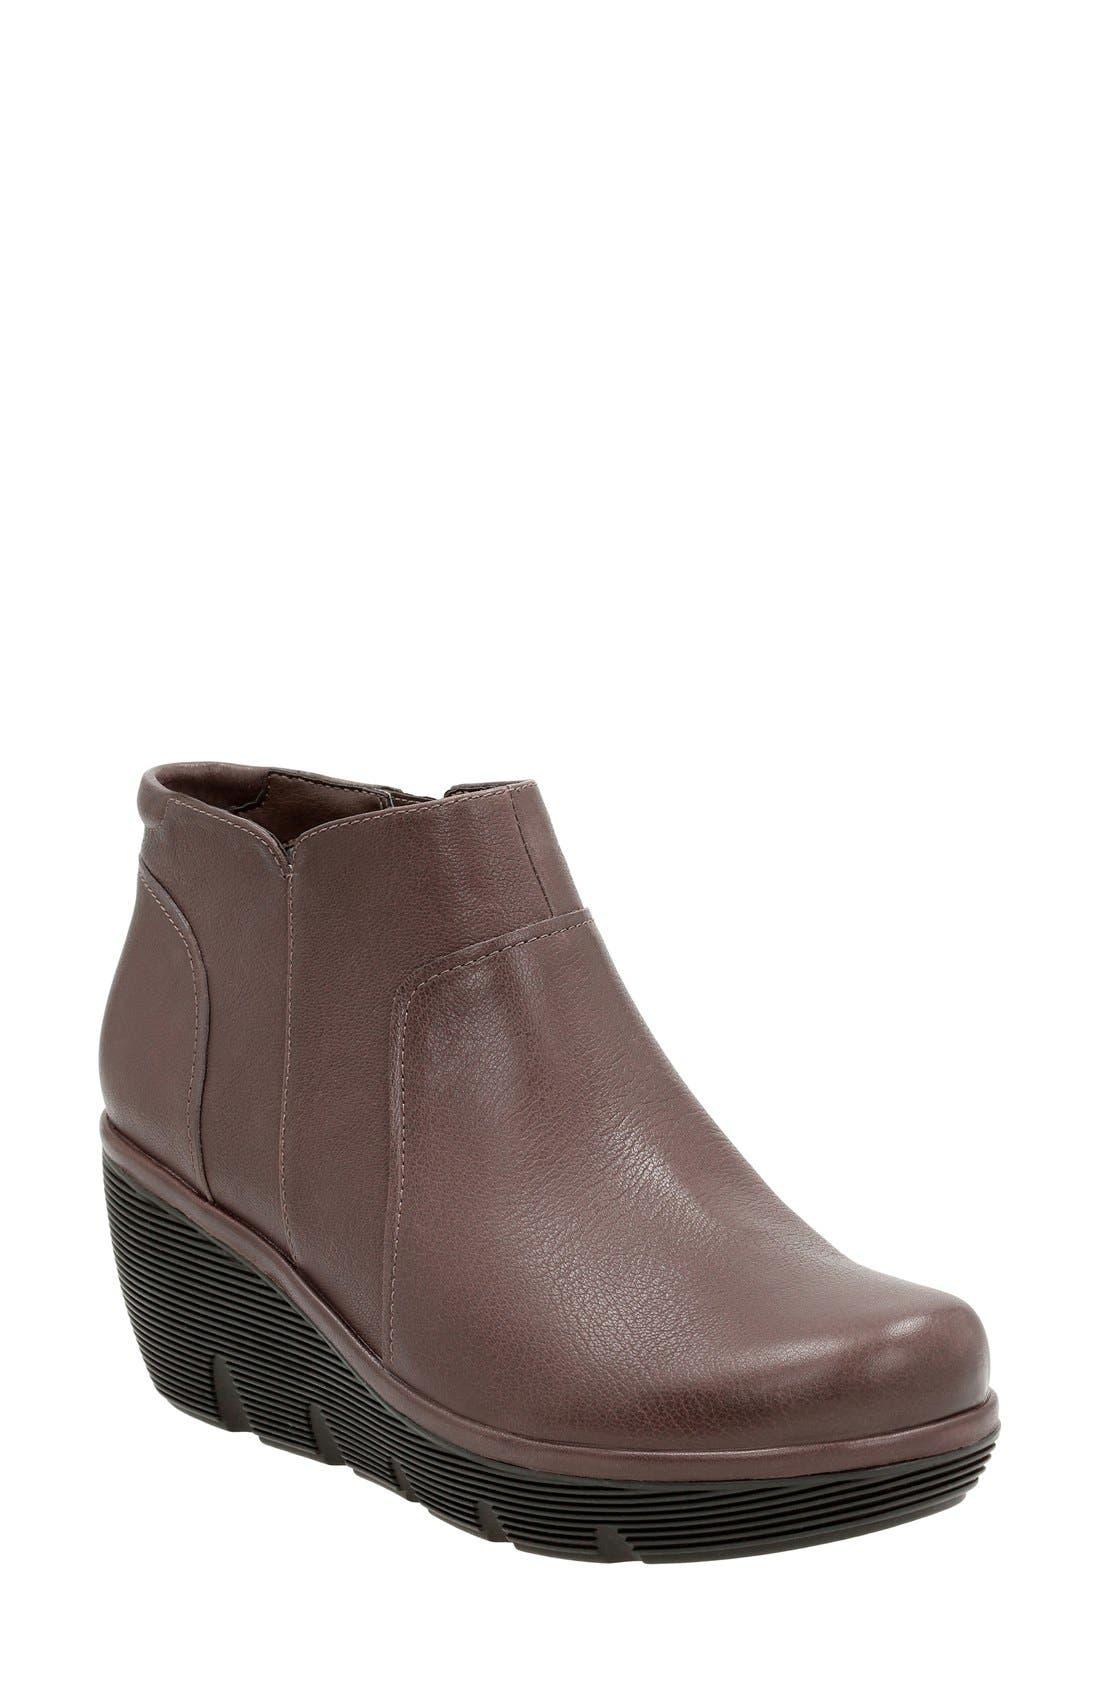 Main Image - Clarks® 'Clarene Sun' Wedge Boot (Women)